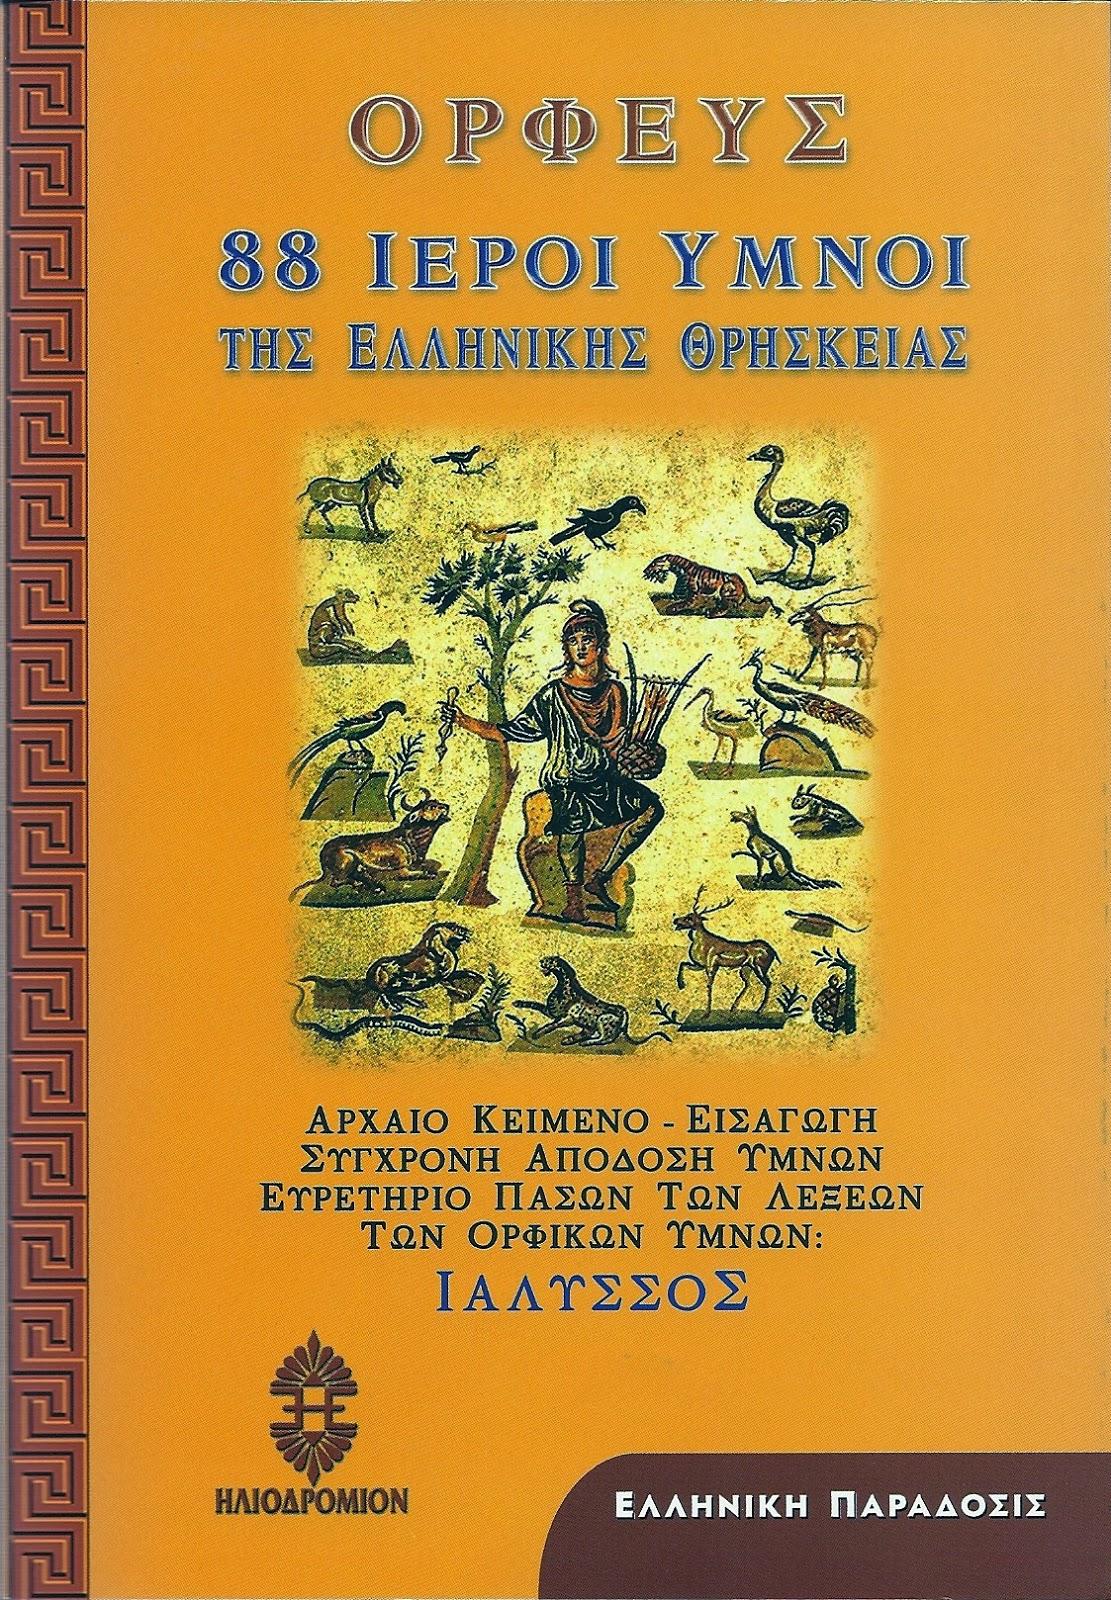 http://www.heliodromion.gr/el/ekdoseis/seira/225-88-ieroi-hymnoi